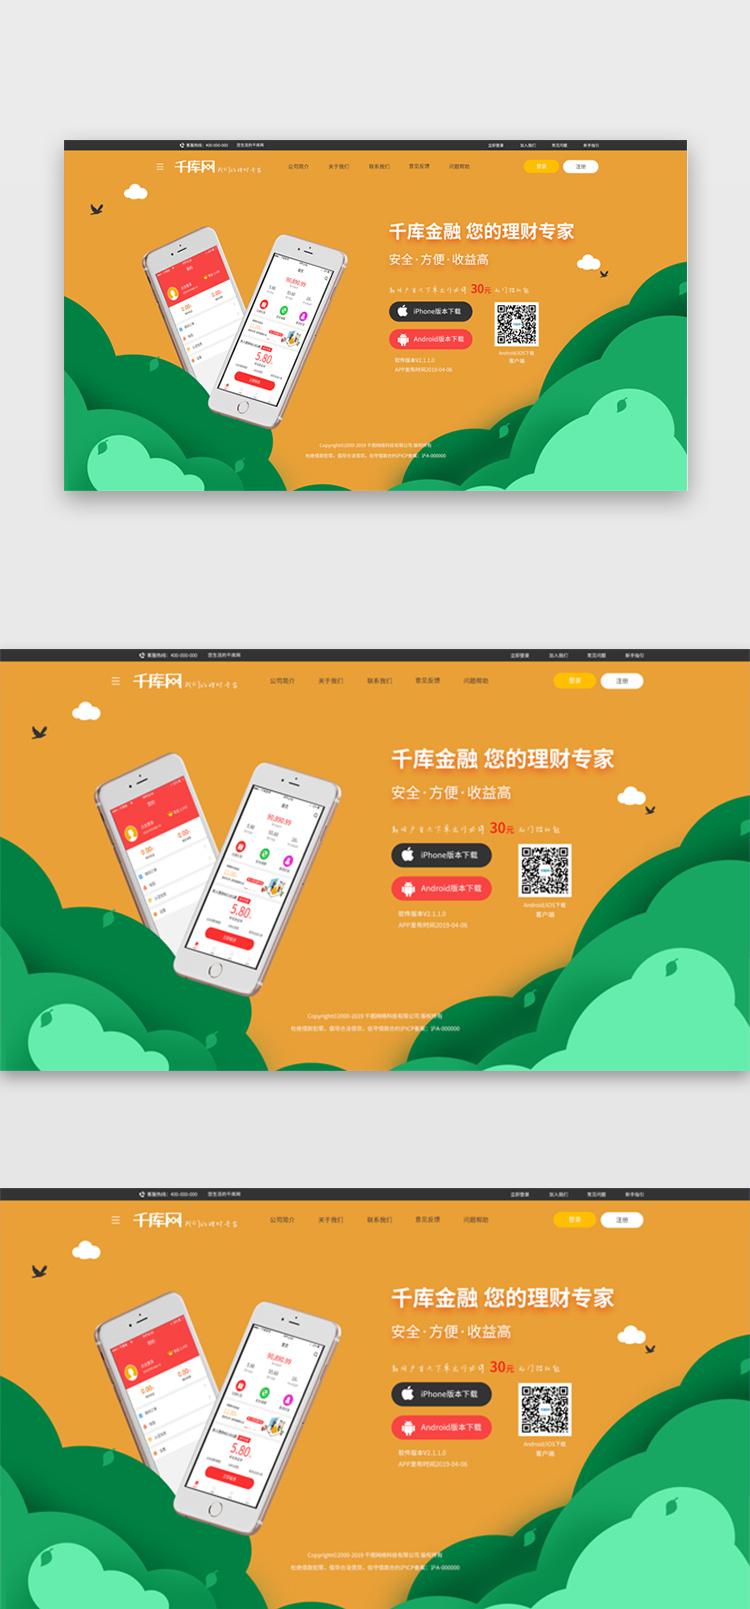 界面系书桌软件下载半圆ui黄色设计素材网站页面设计图图片